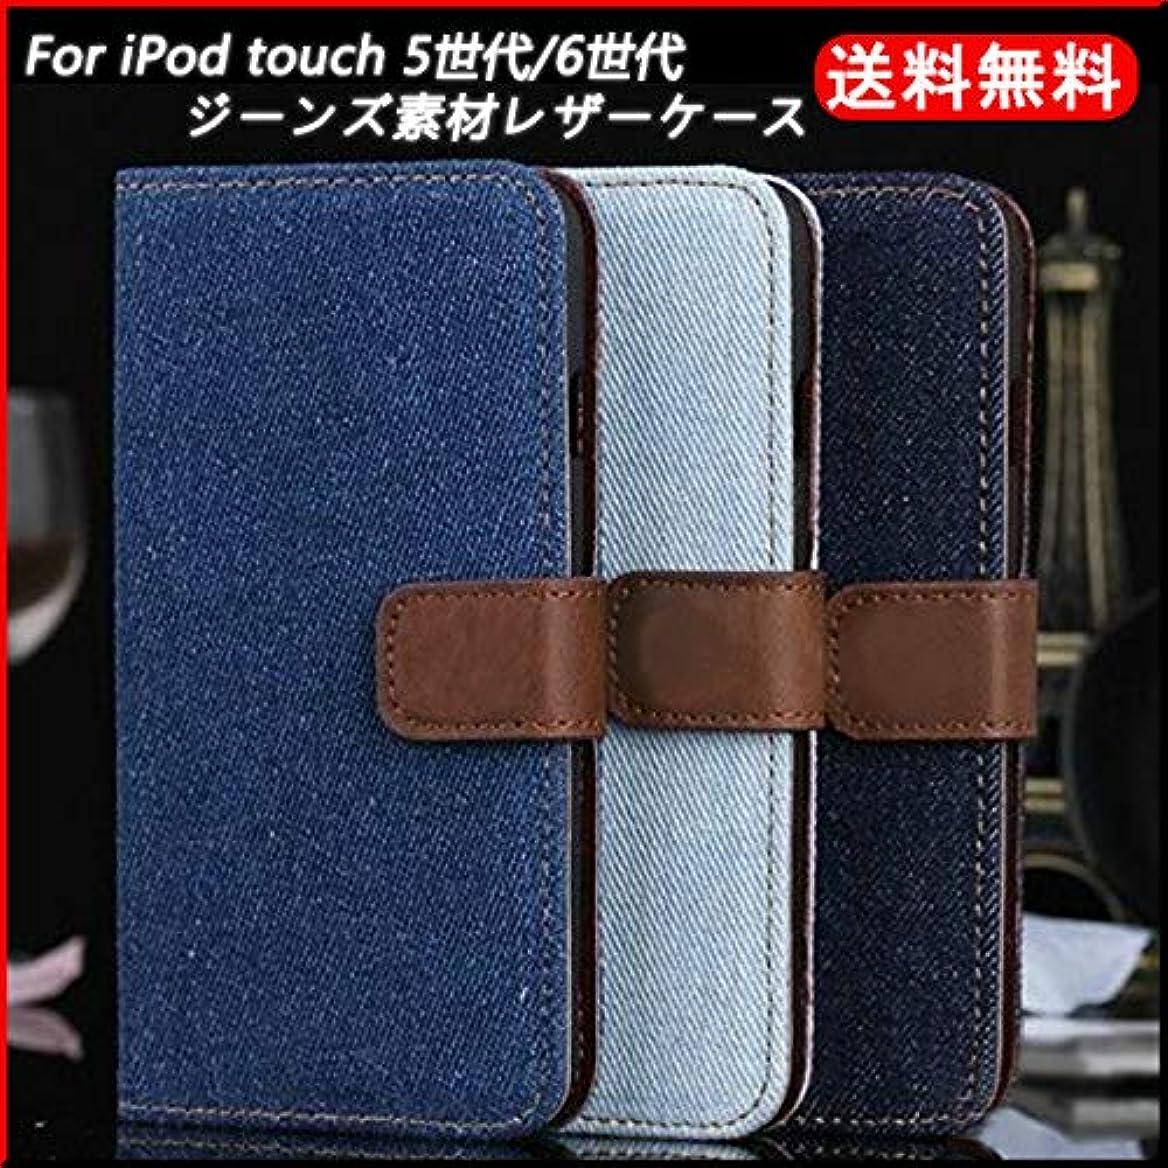 気を散らす人差し指おとこ【全3色】 iPod touch5、iPod touch6 対応デニムレザーケース (濃いブルー)|第5世代/第6世代 ジーンズ、布、手帳型横開きウォレット風カバー|ストラップ付有あり|カードフォルダー付き|横置き可能|皮革 7 (濃いブルー)